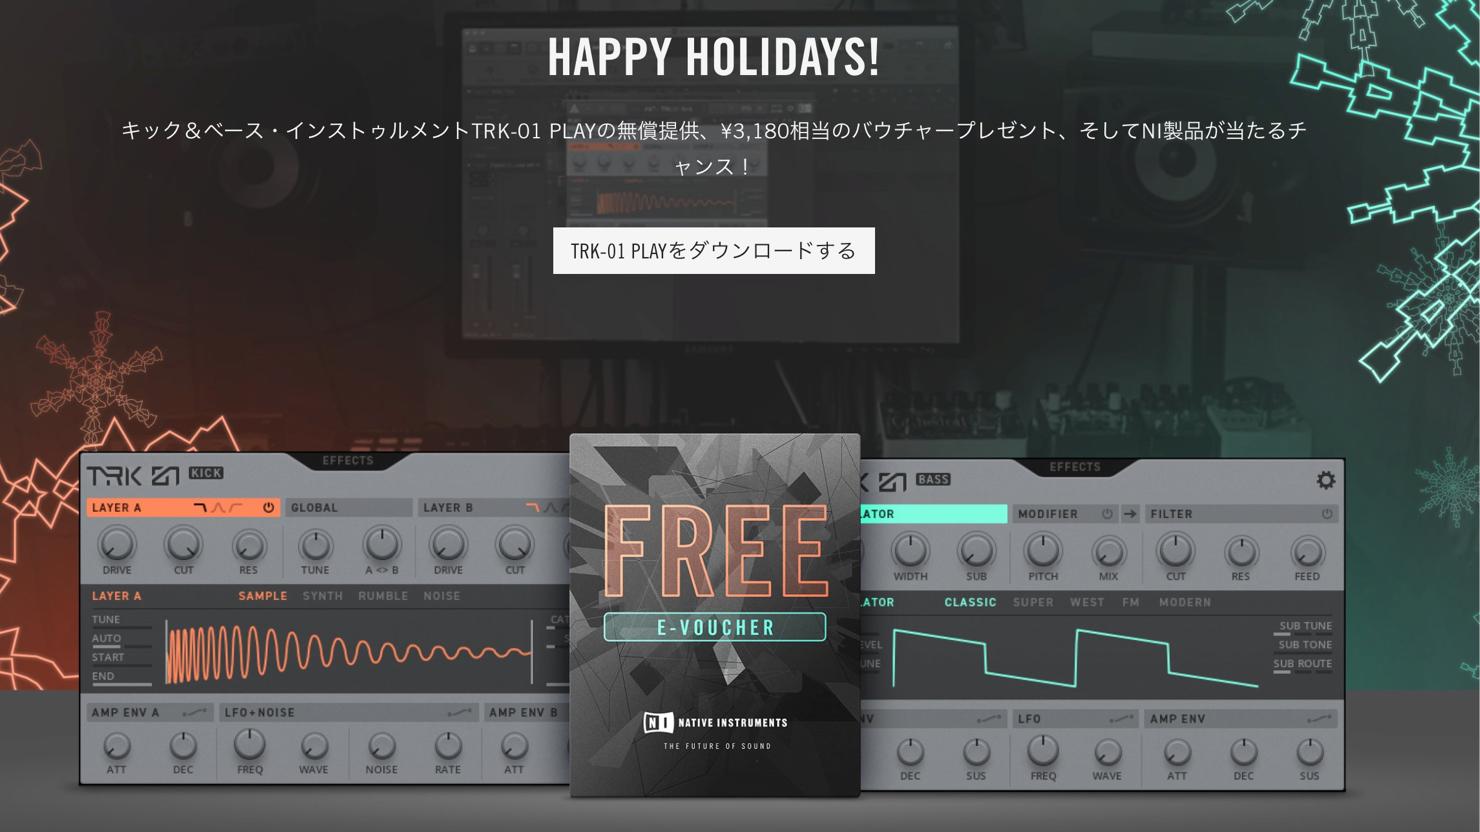 【期間限定・無料】「TRK-01 Play」無償配布中!Native Instrumentsからクリスマスプレゼント HAPPY HOLIDAYS!2018